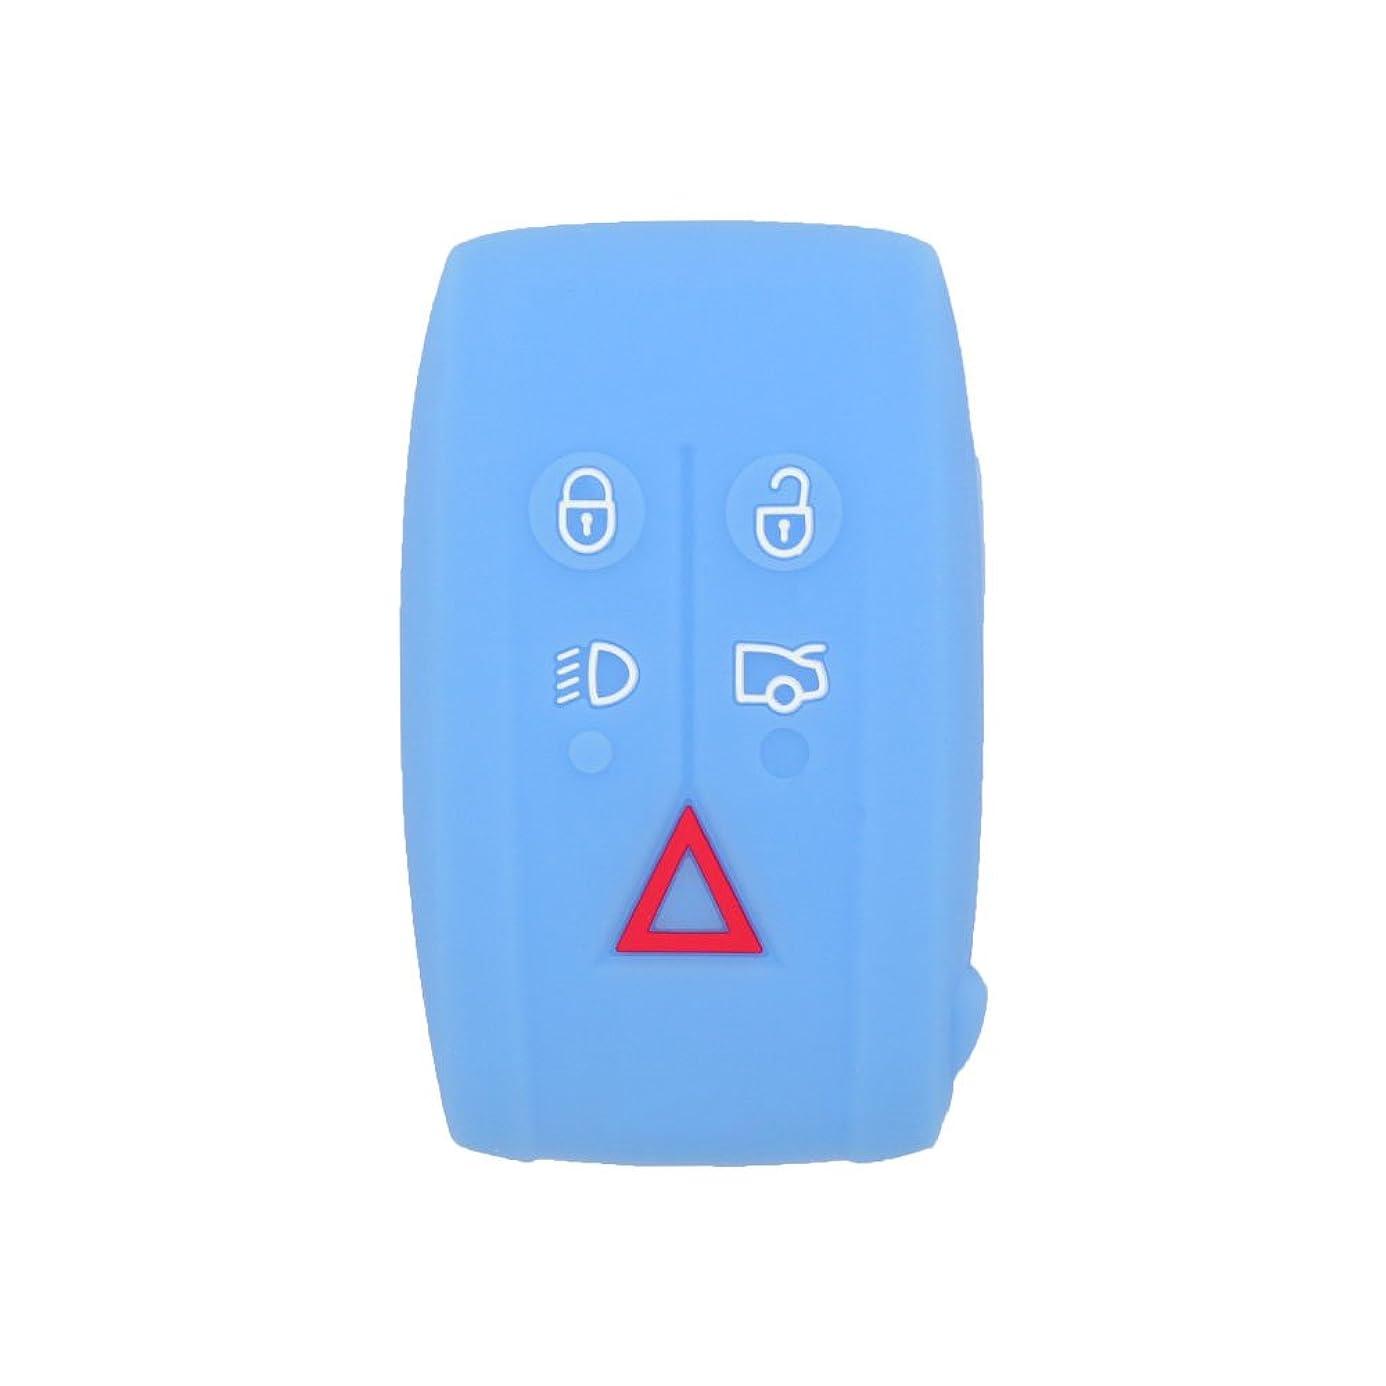 SEGADEN Silicone Cover Protector Case Skin Jacket fit for JAGUAR 5 Button Smart Remote Key Fob CV4983 Light Blue rlv0026525